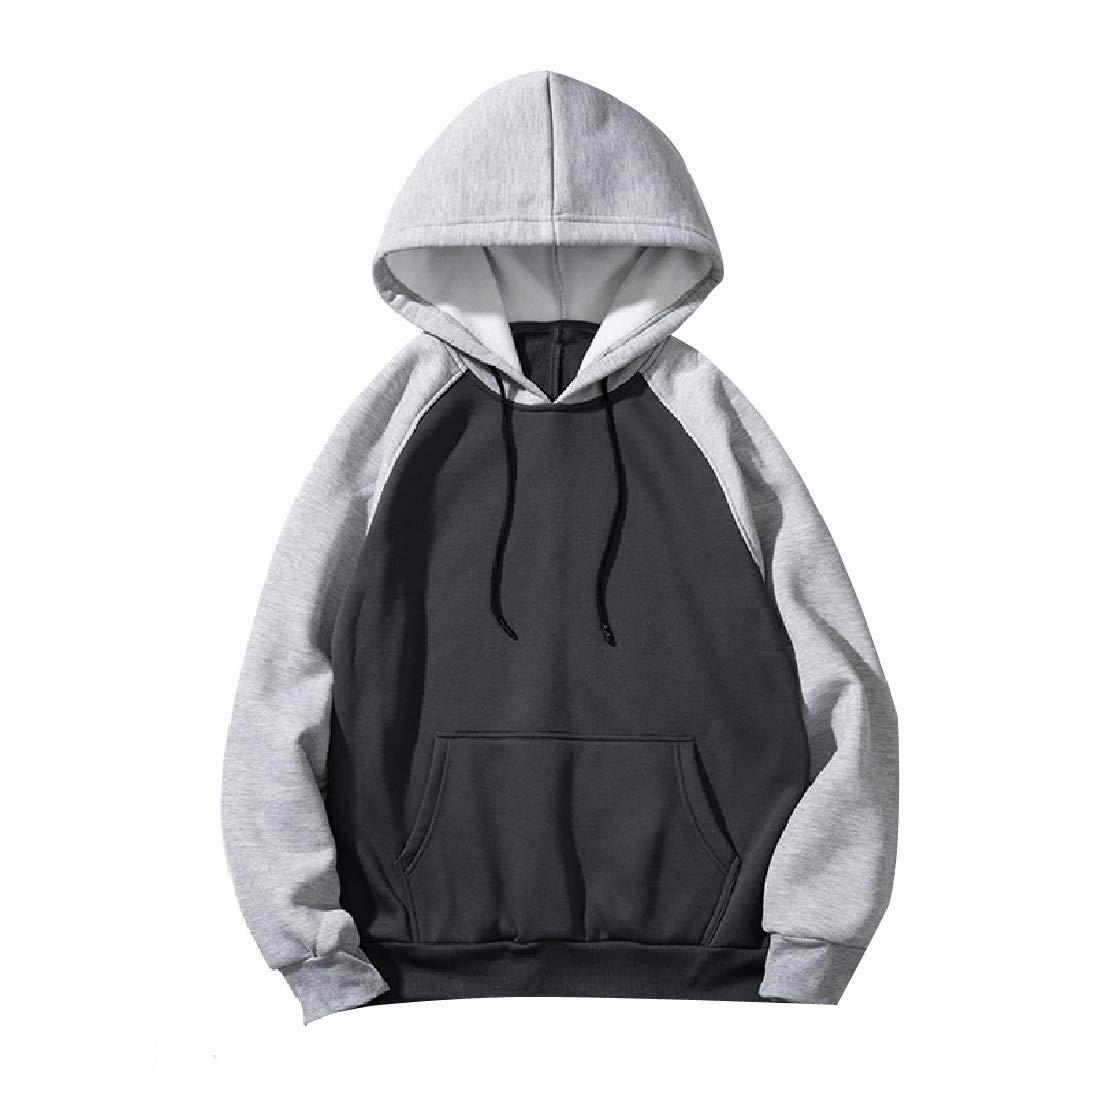 Micra K11 Logo Hoody Hoodie Hooded Top